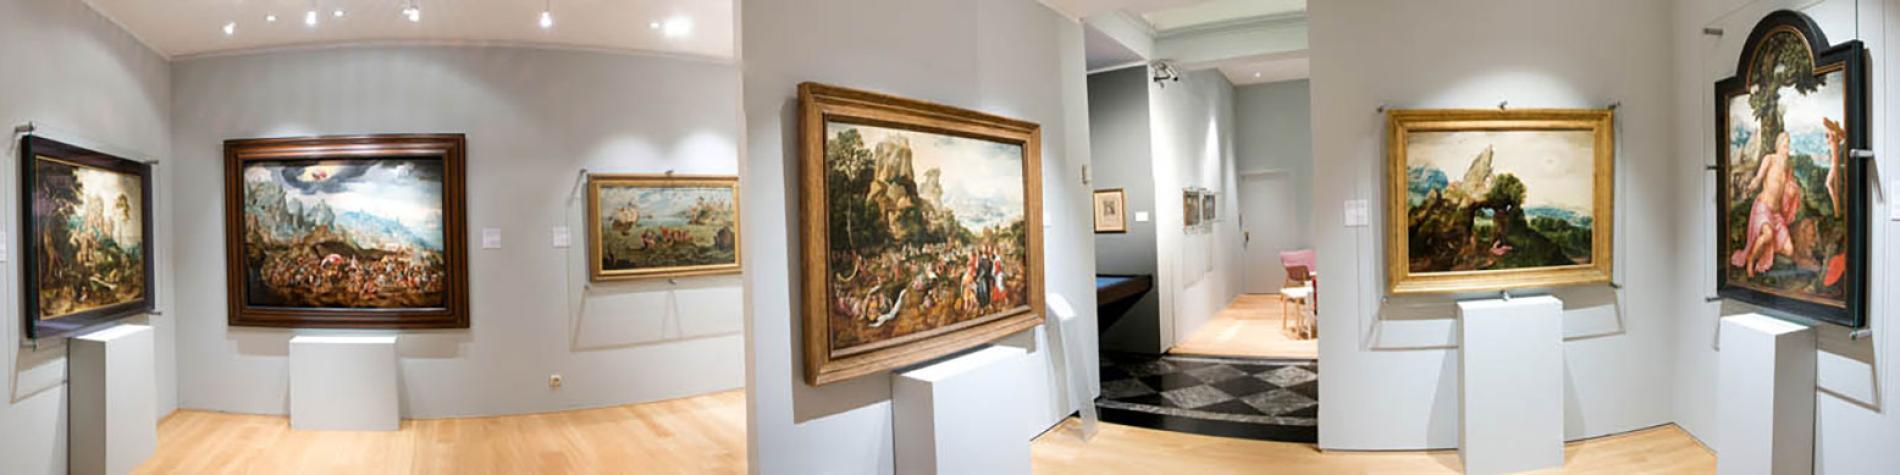 Musée - Arts anciens - Namurois - hôtel patricien classé du XVIIIe siècle - Moyen Âge - Renaissance - salle Bles